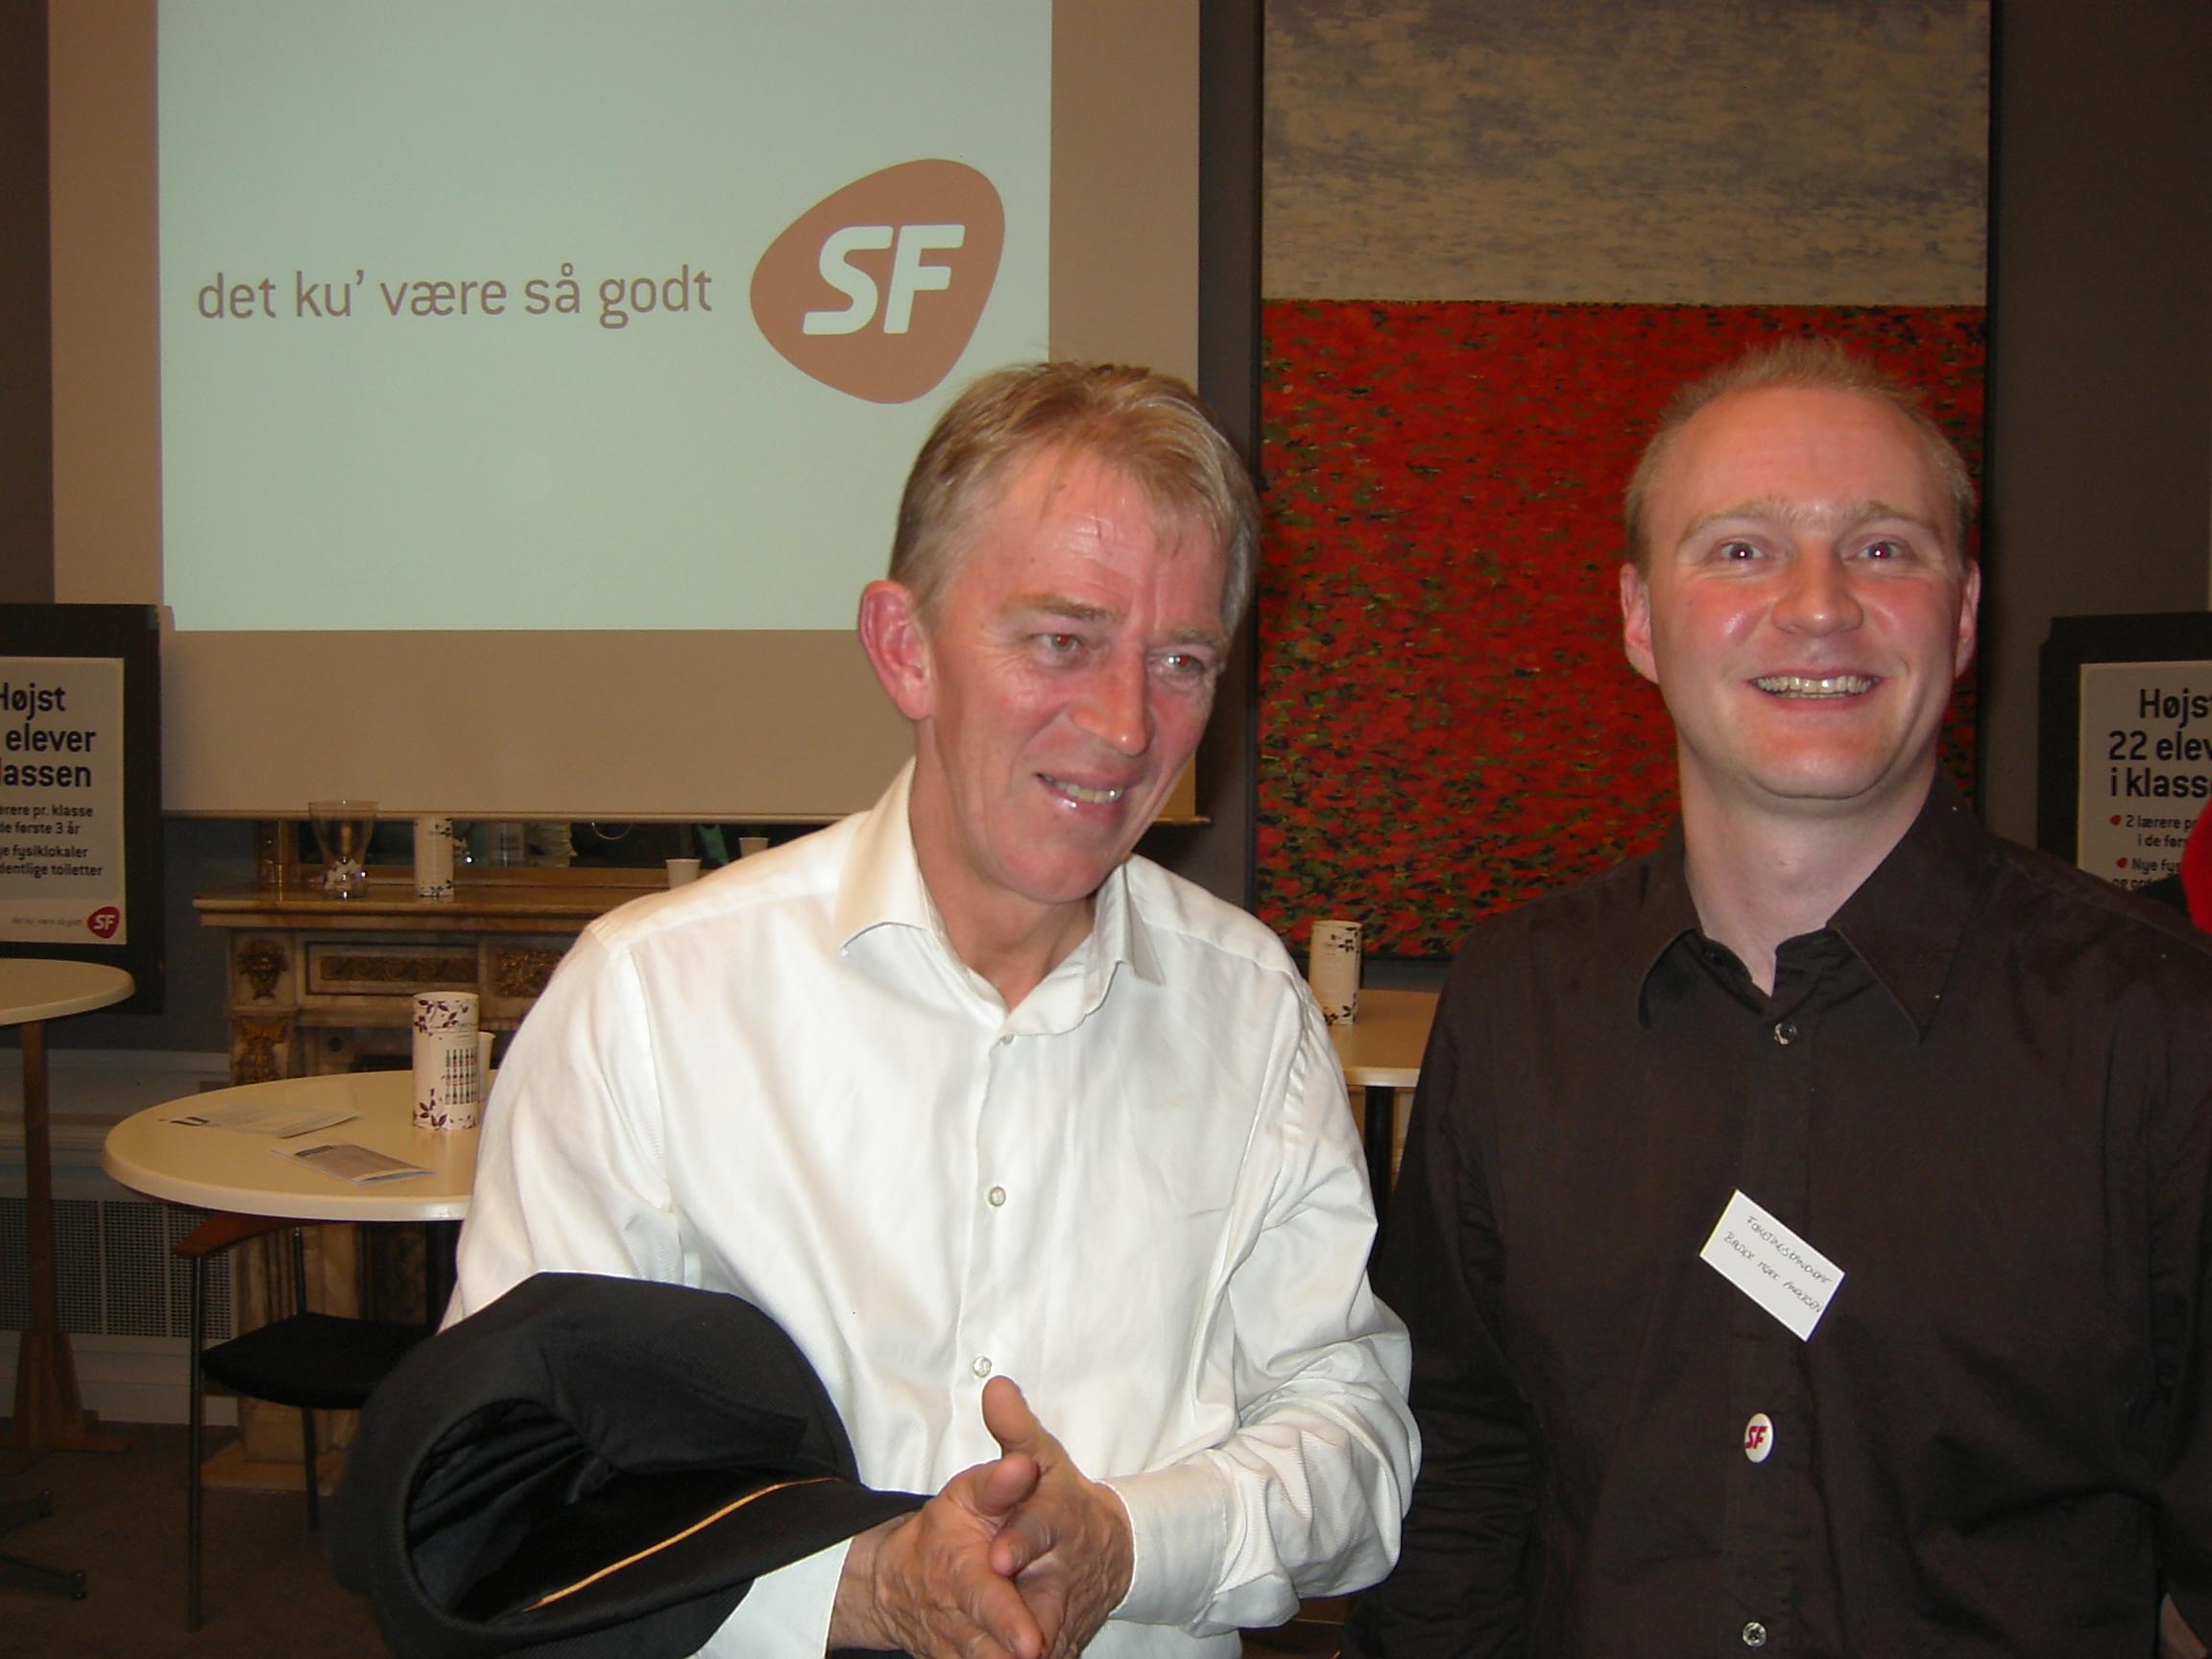 Villy Søvndal og Balder Mørk Andersen på Kulturnat 2007